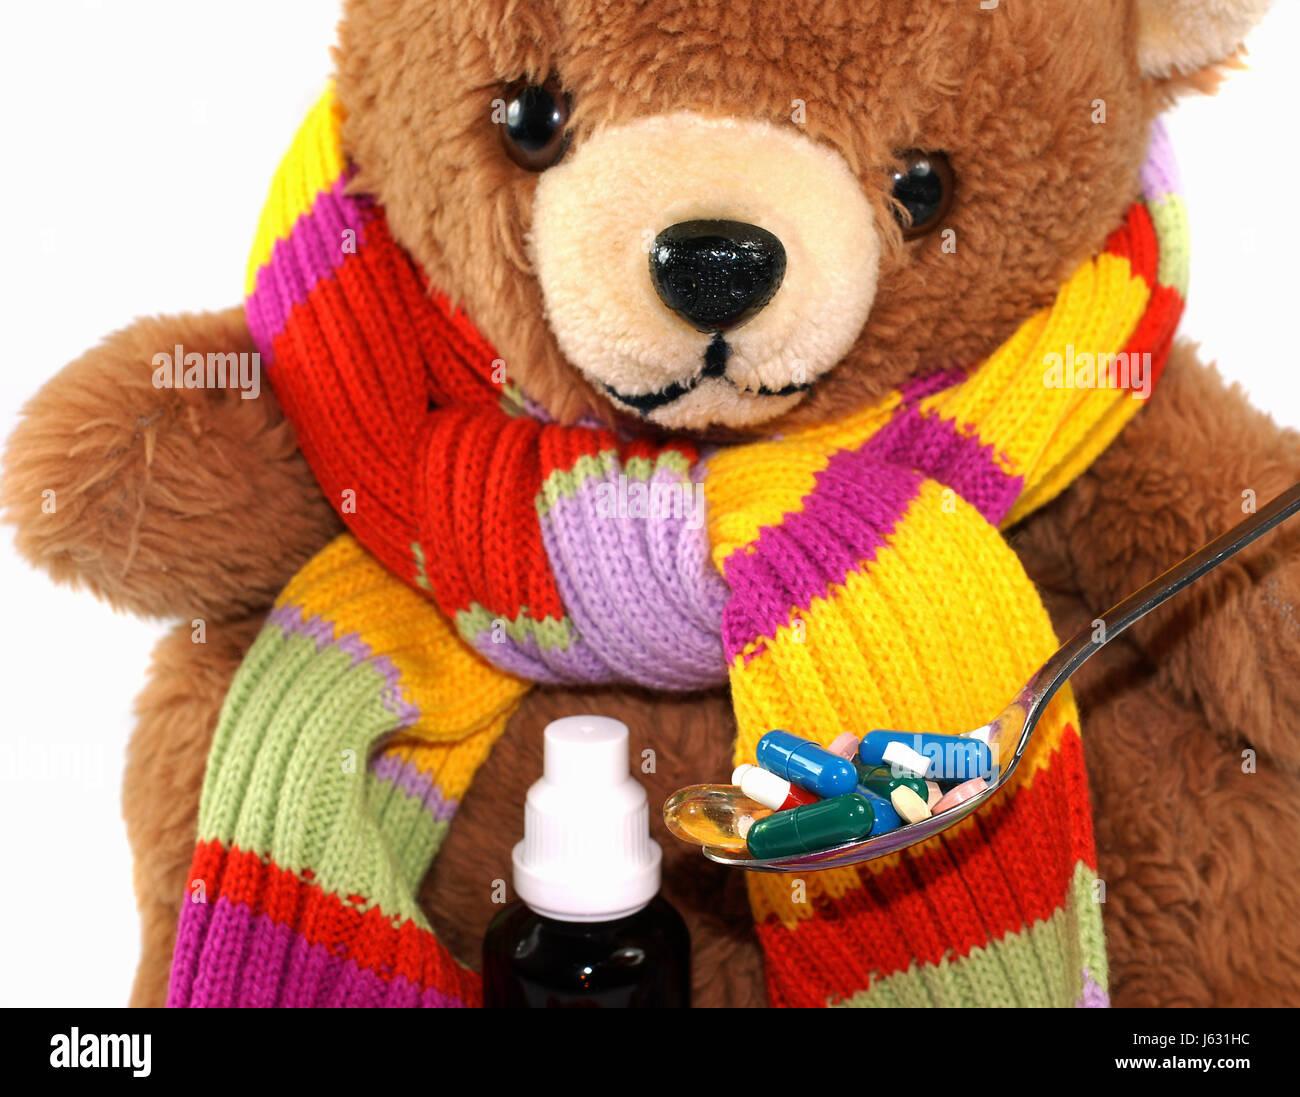 Cold catarrh teddy teddy bear teddybear flu disease illness sickness cold catarrh teddy teddy bear teddybear flu disease illness sickness sick ill altavistaventures Choice Image